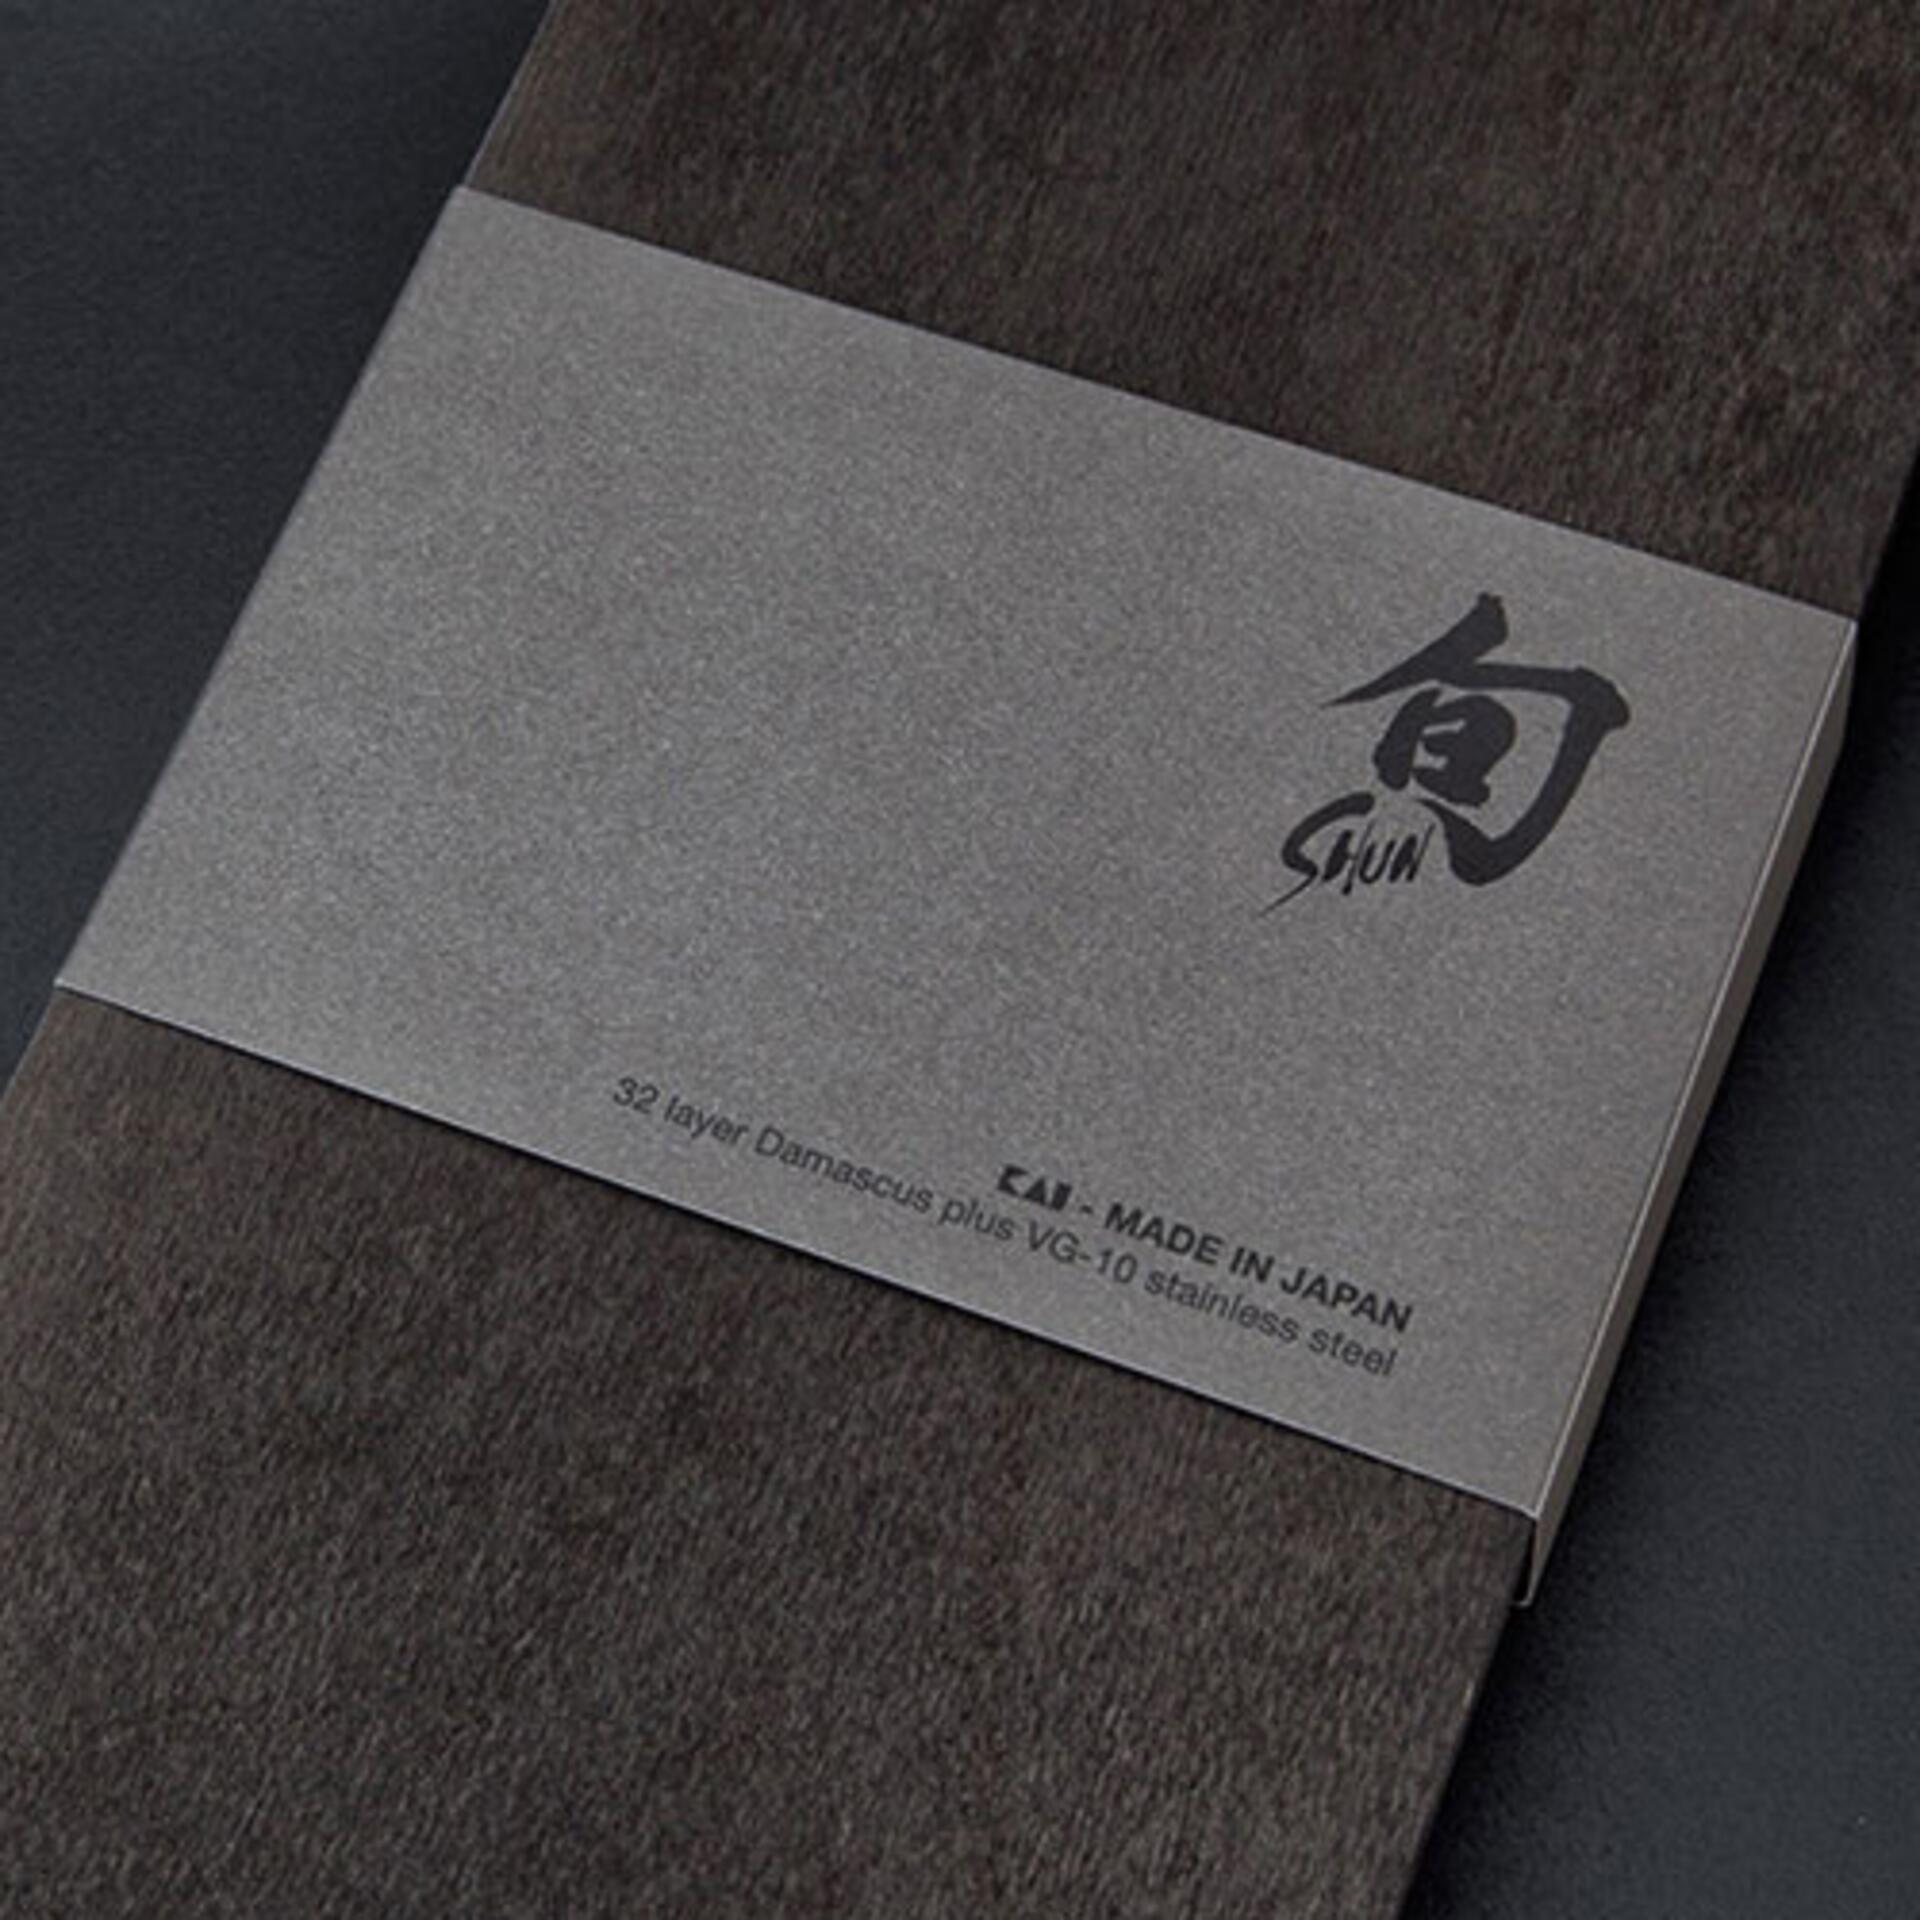 KAI Shun Classic Steakmesser DM-0711